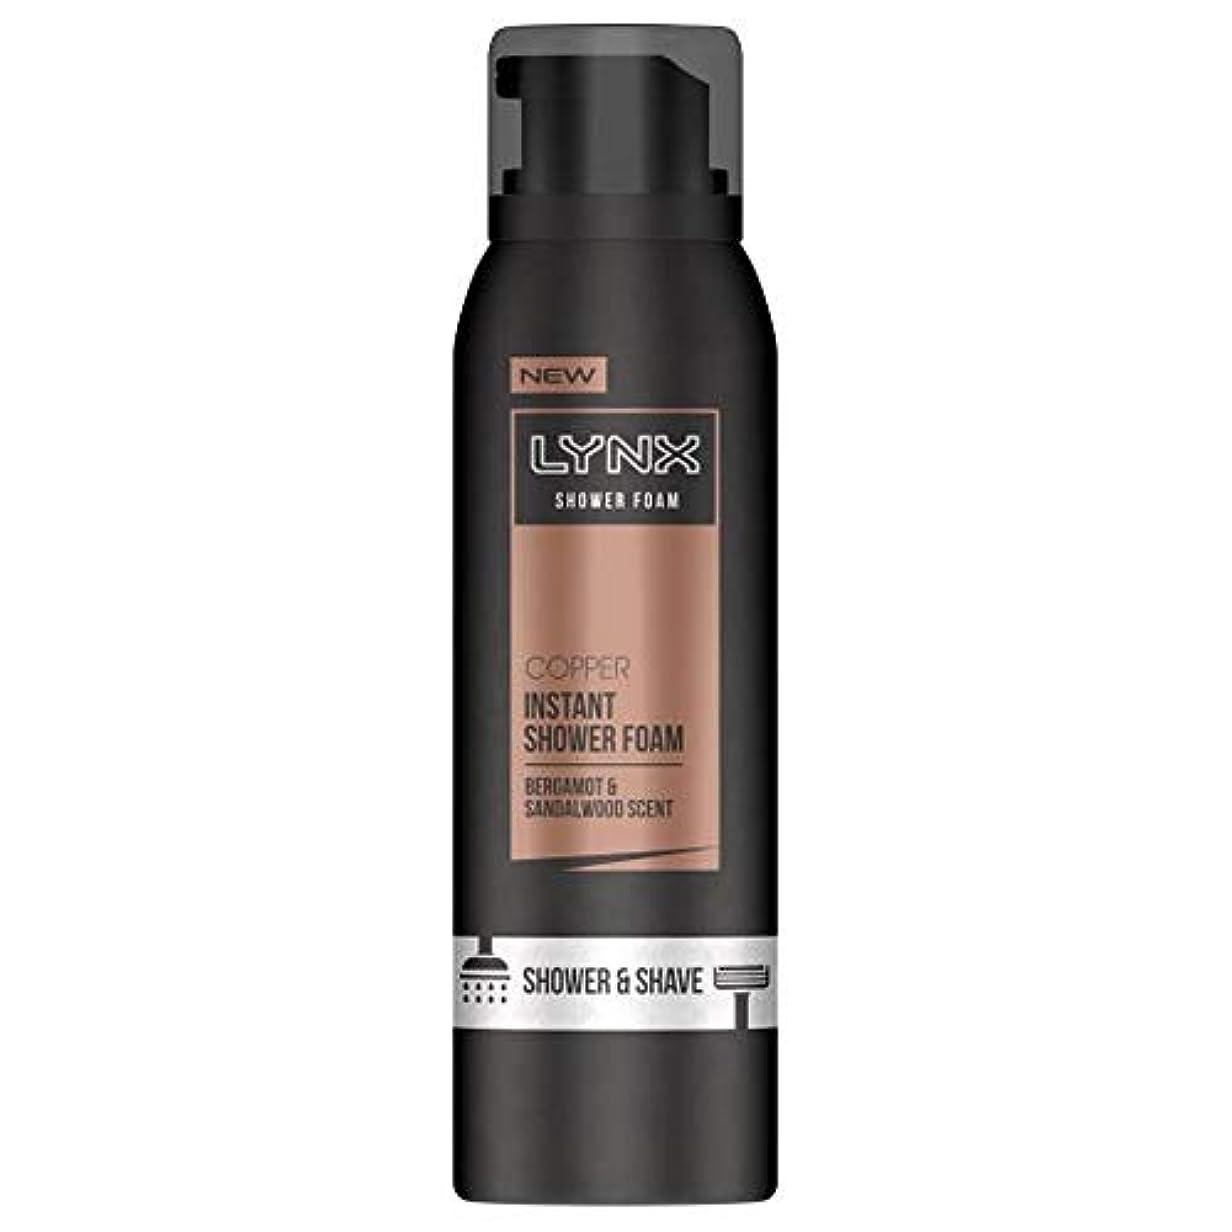 寄生虫病院予言する[Lynx] オオヤマネコの銅シャワー泡200ミリリットル - Lynx Copper Shower Foam 200Ml [並行輸入品]